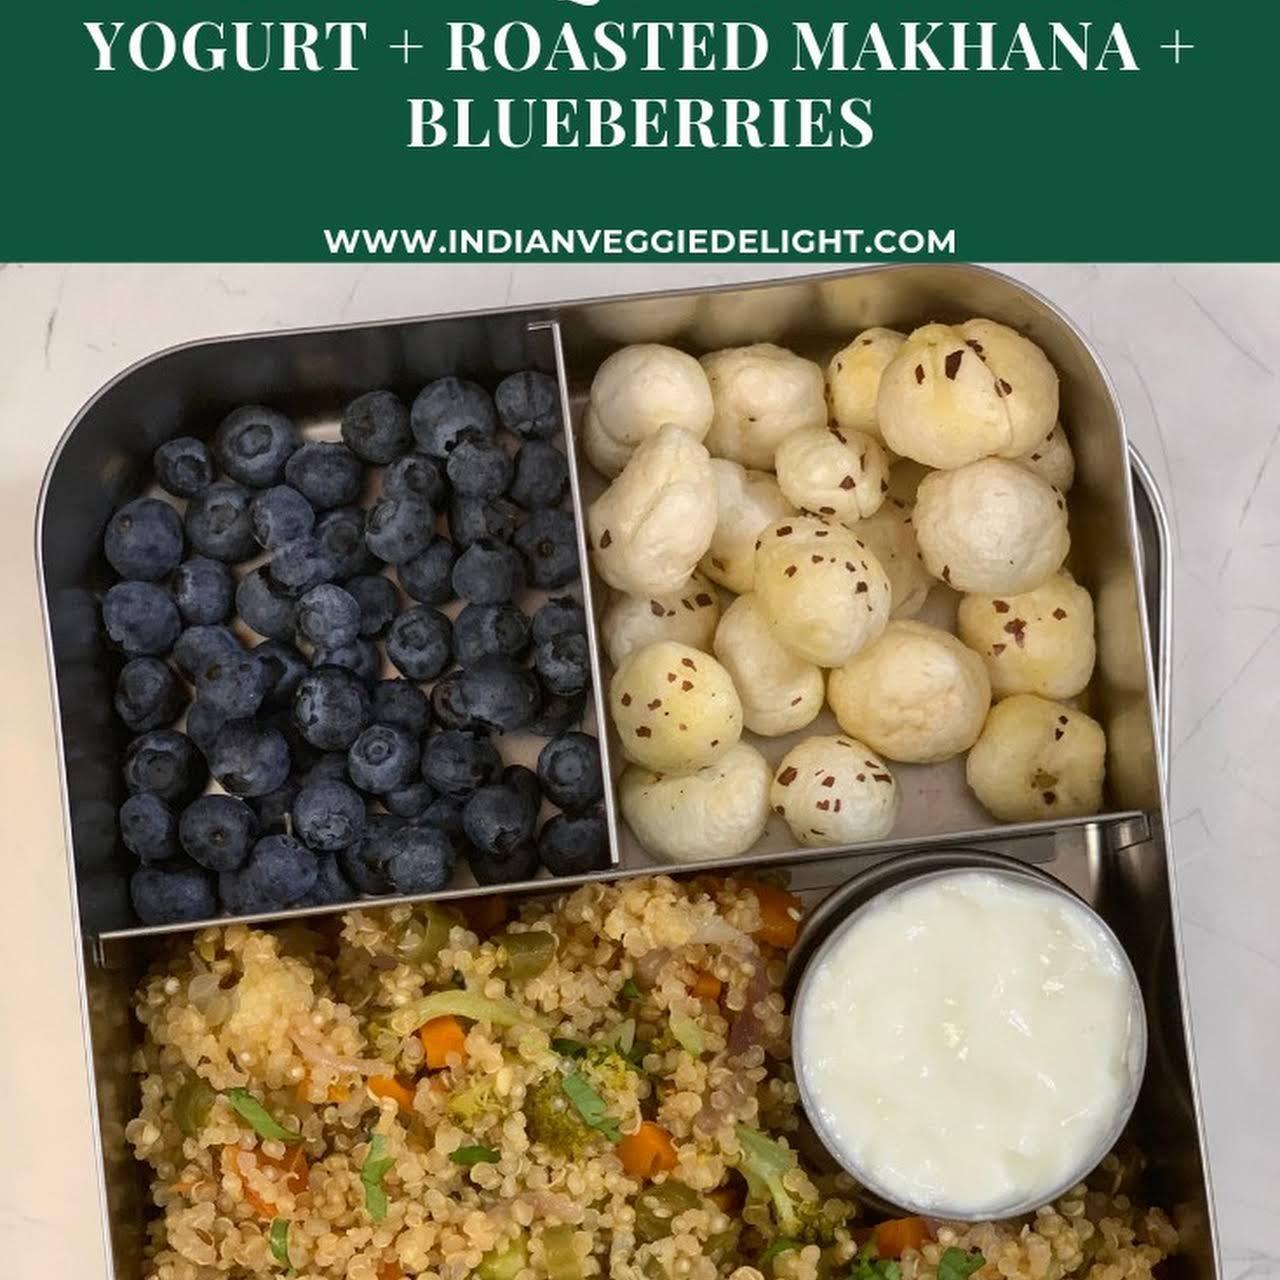 Vegetable Quinoa Pulao & Yogurt + Roasted Makhana + Blueberries